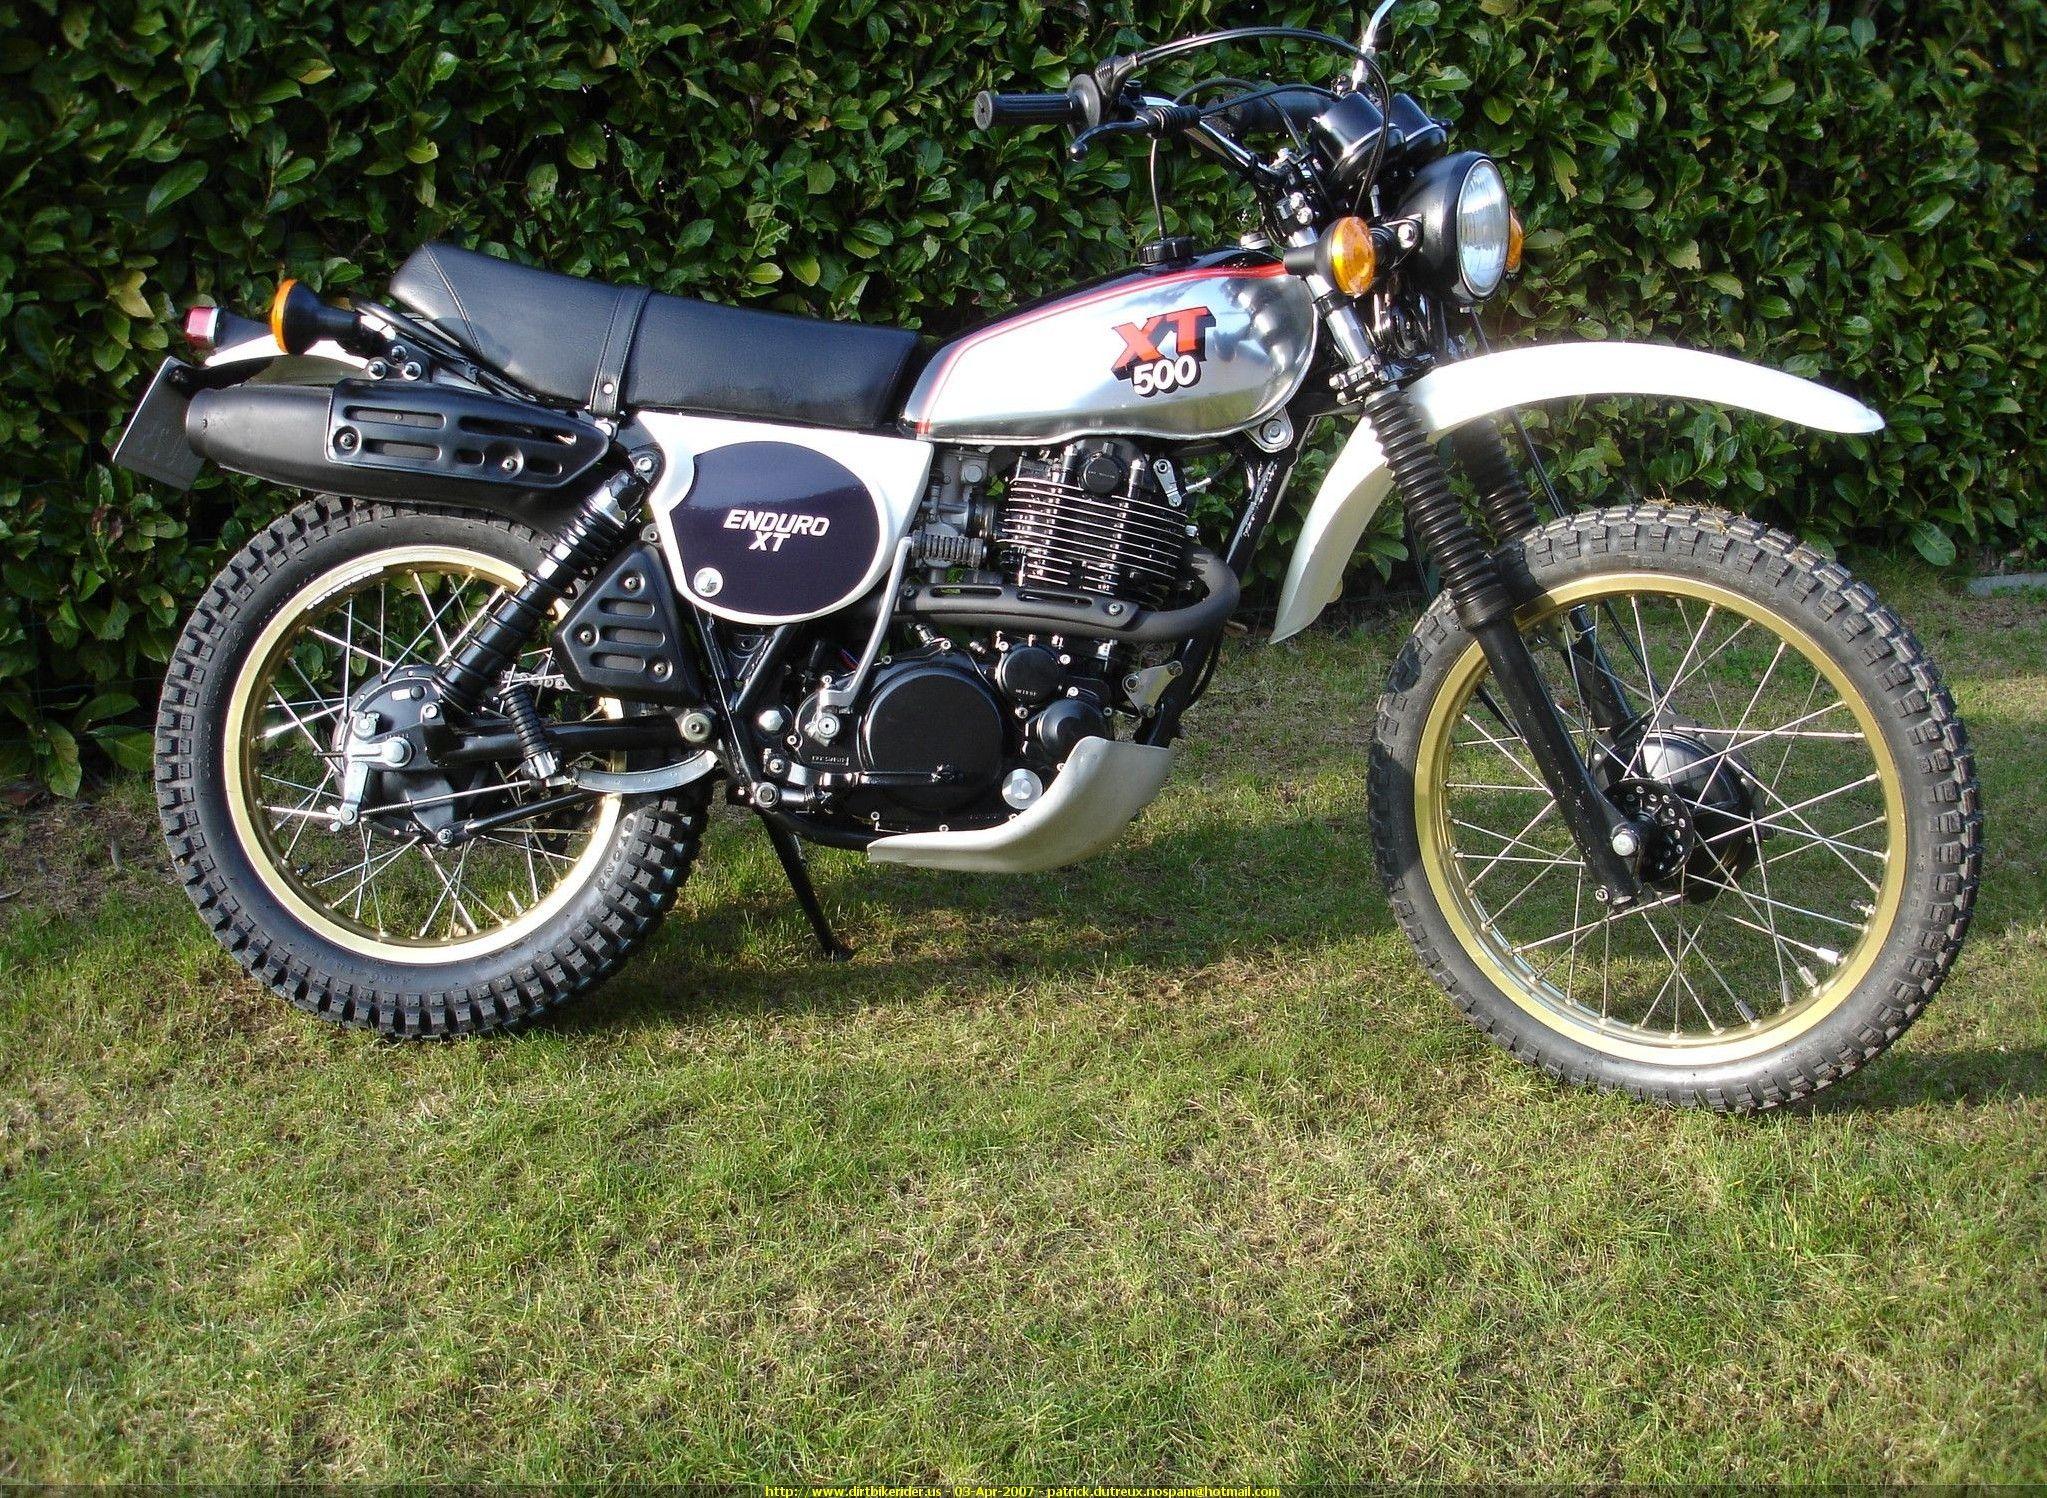 Yamaha xt 500 pour bricole xt 500 pinterest for Yamaha xt500 motorcycle